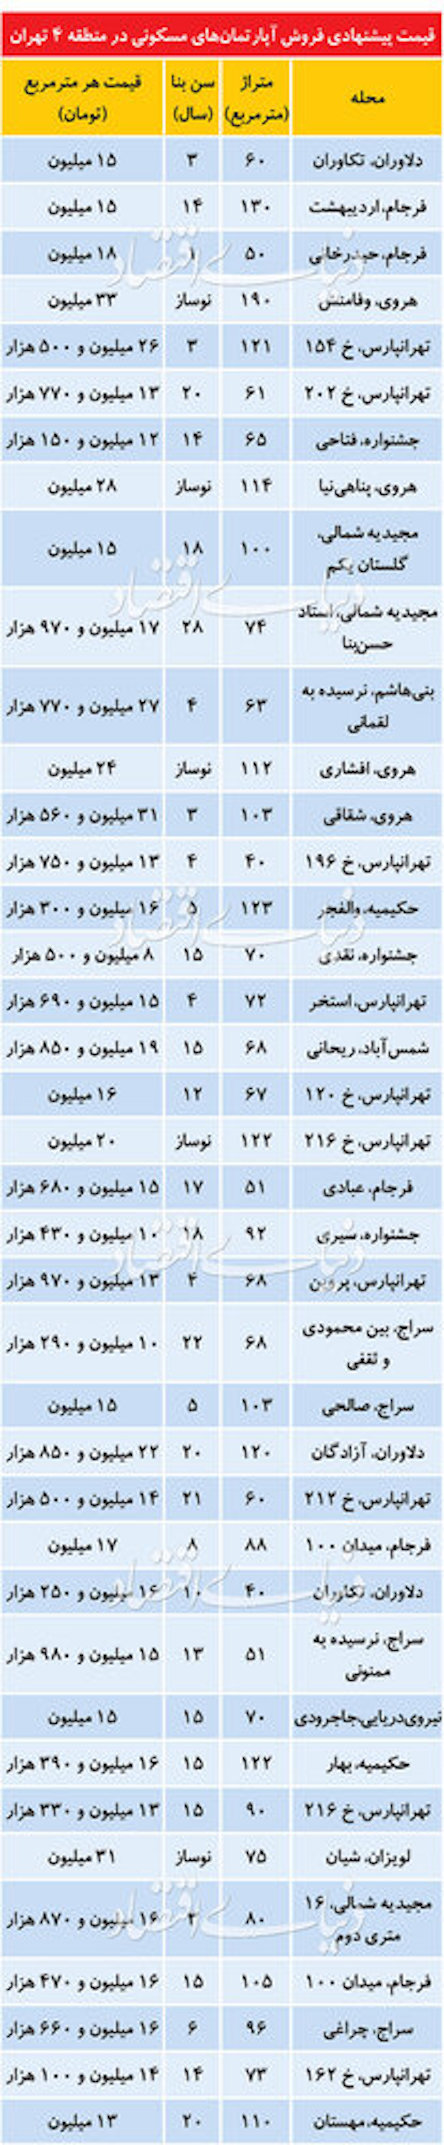 بیشترین معاملات مسکن تهران در کدام منطقه است؟